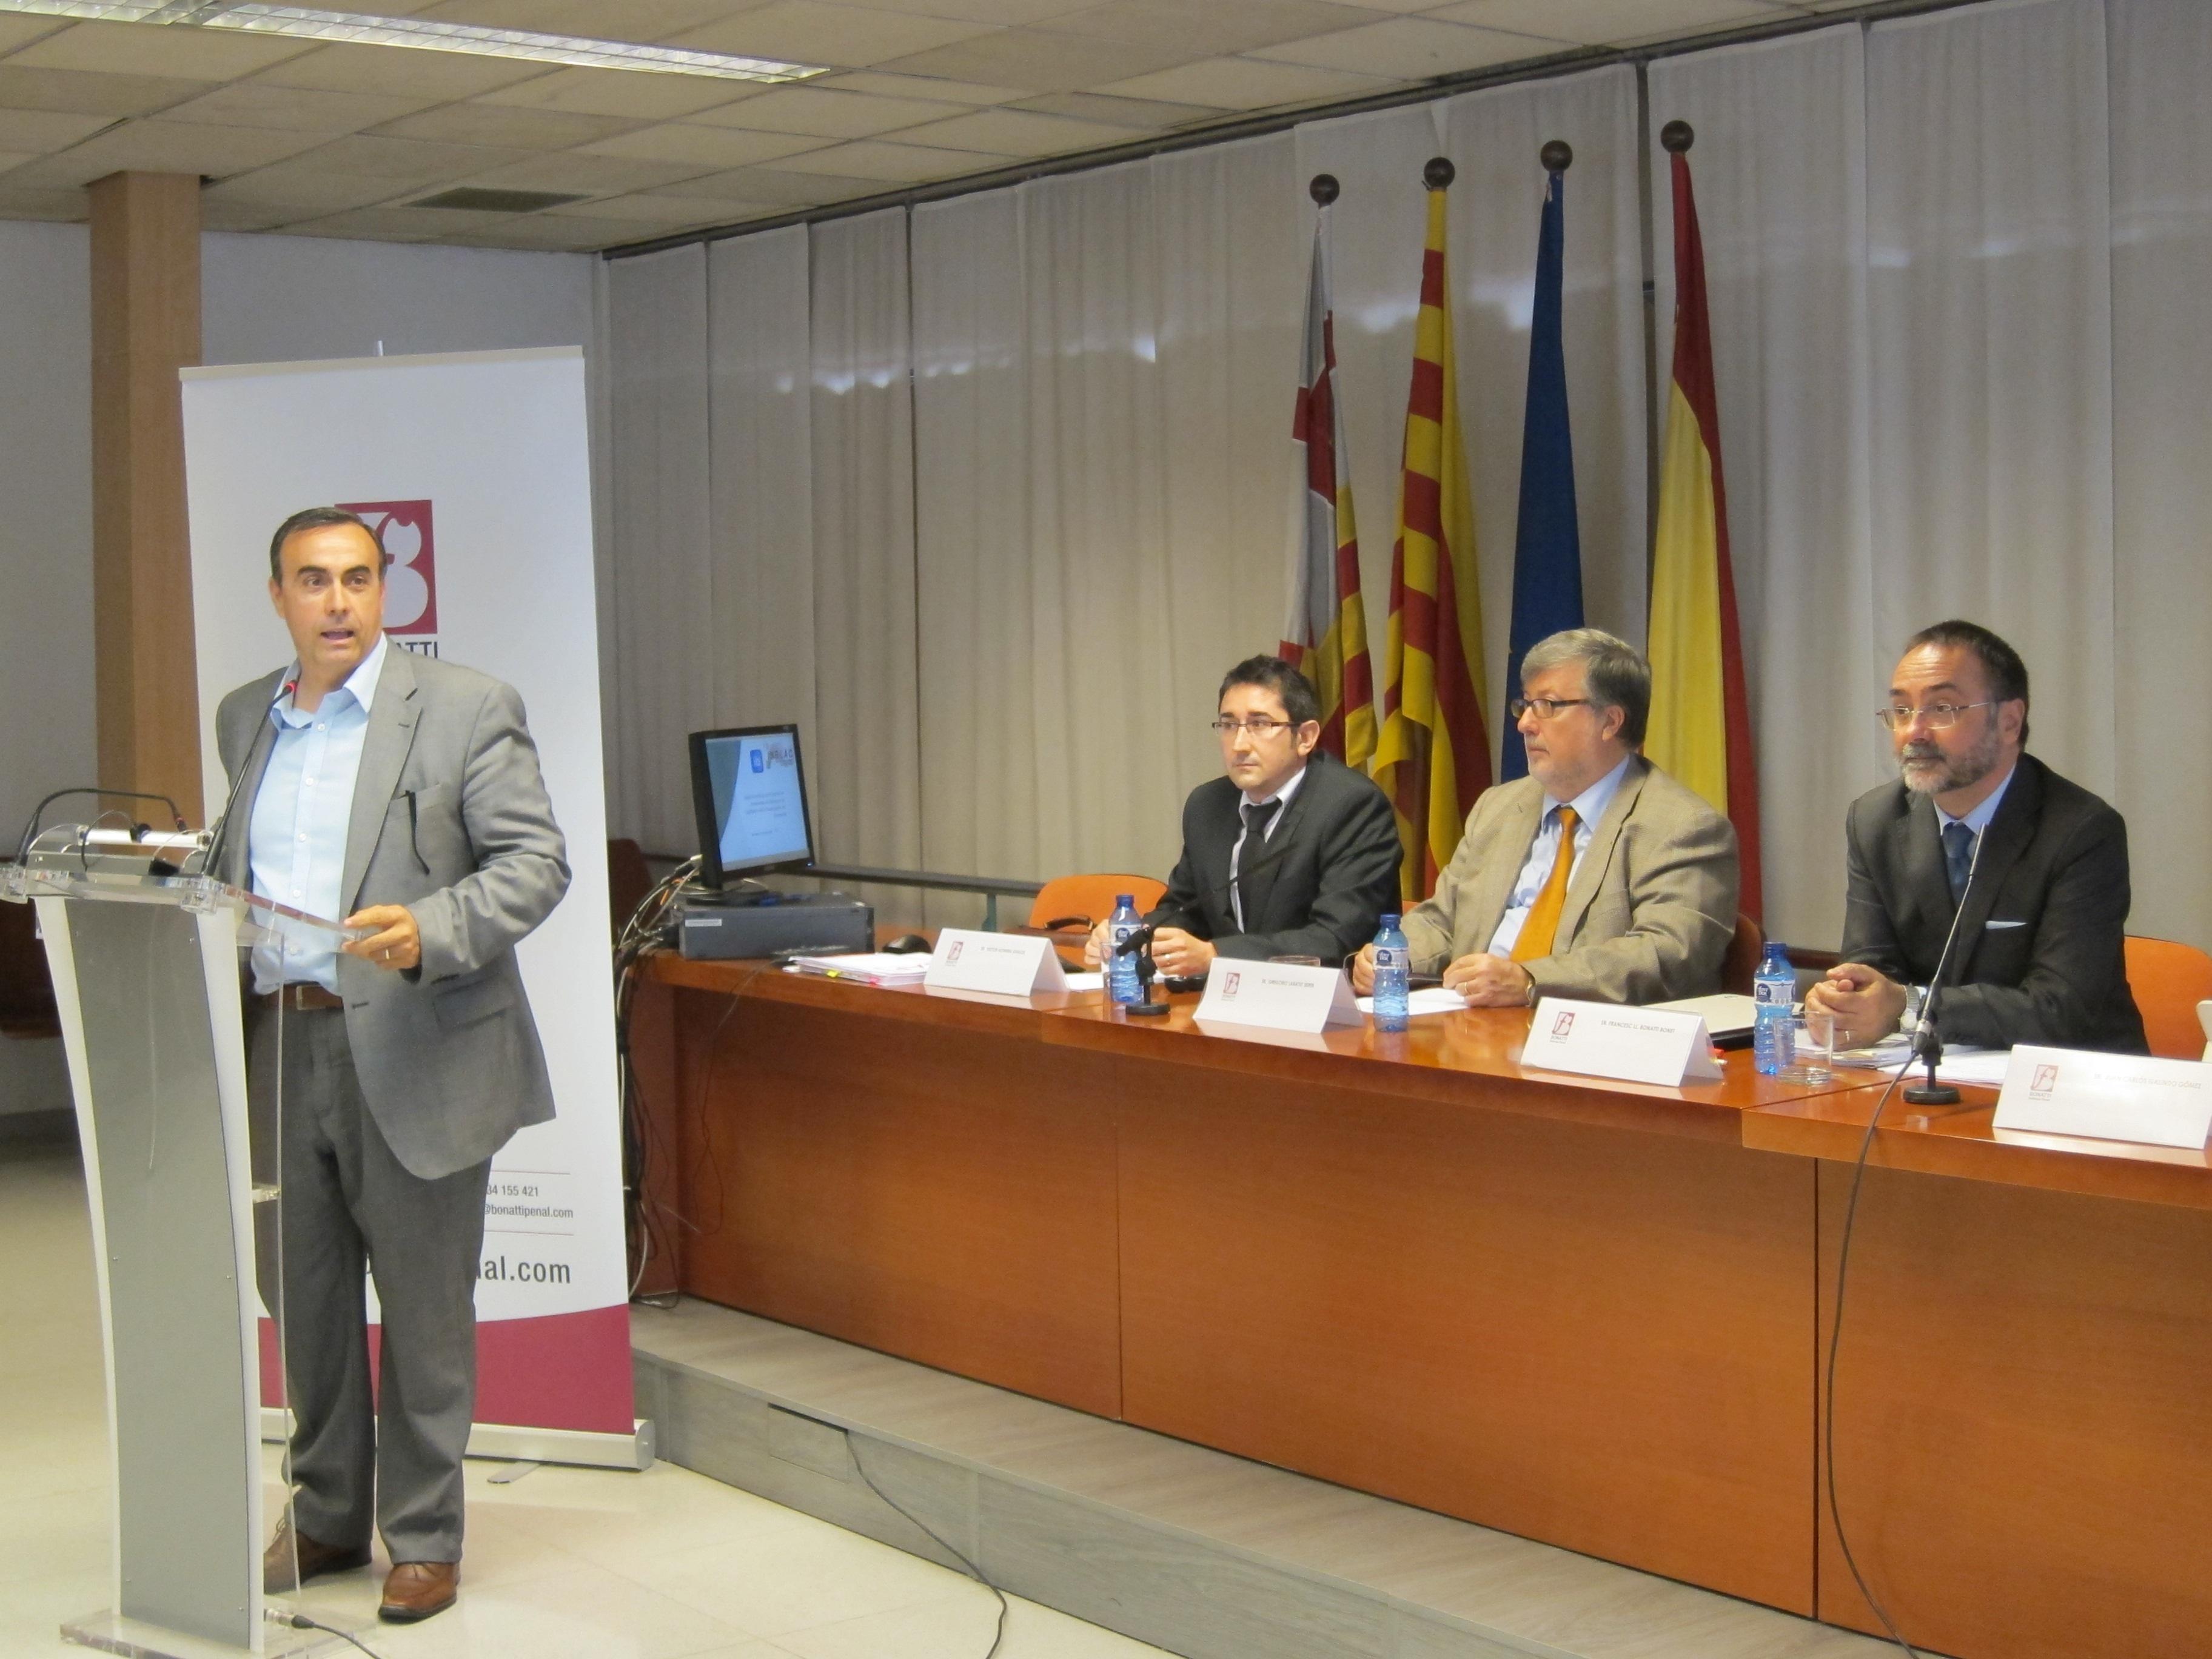 La primera entidad de expertos en prevención de blanqueo de España certificará a profesionales